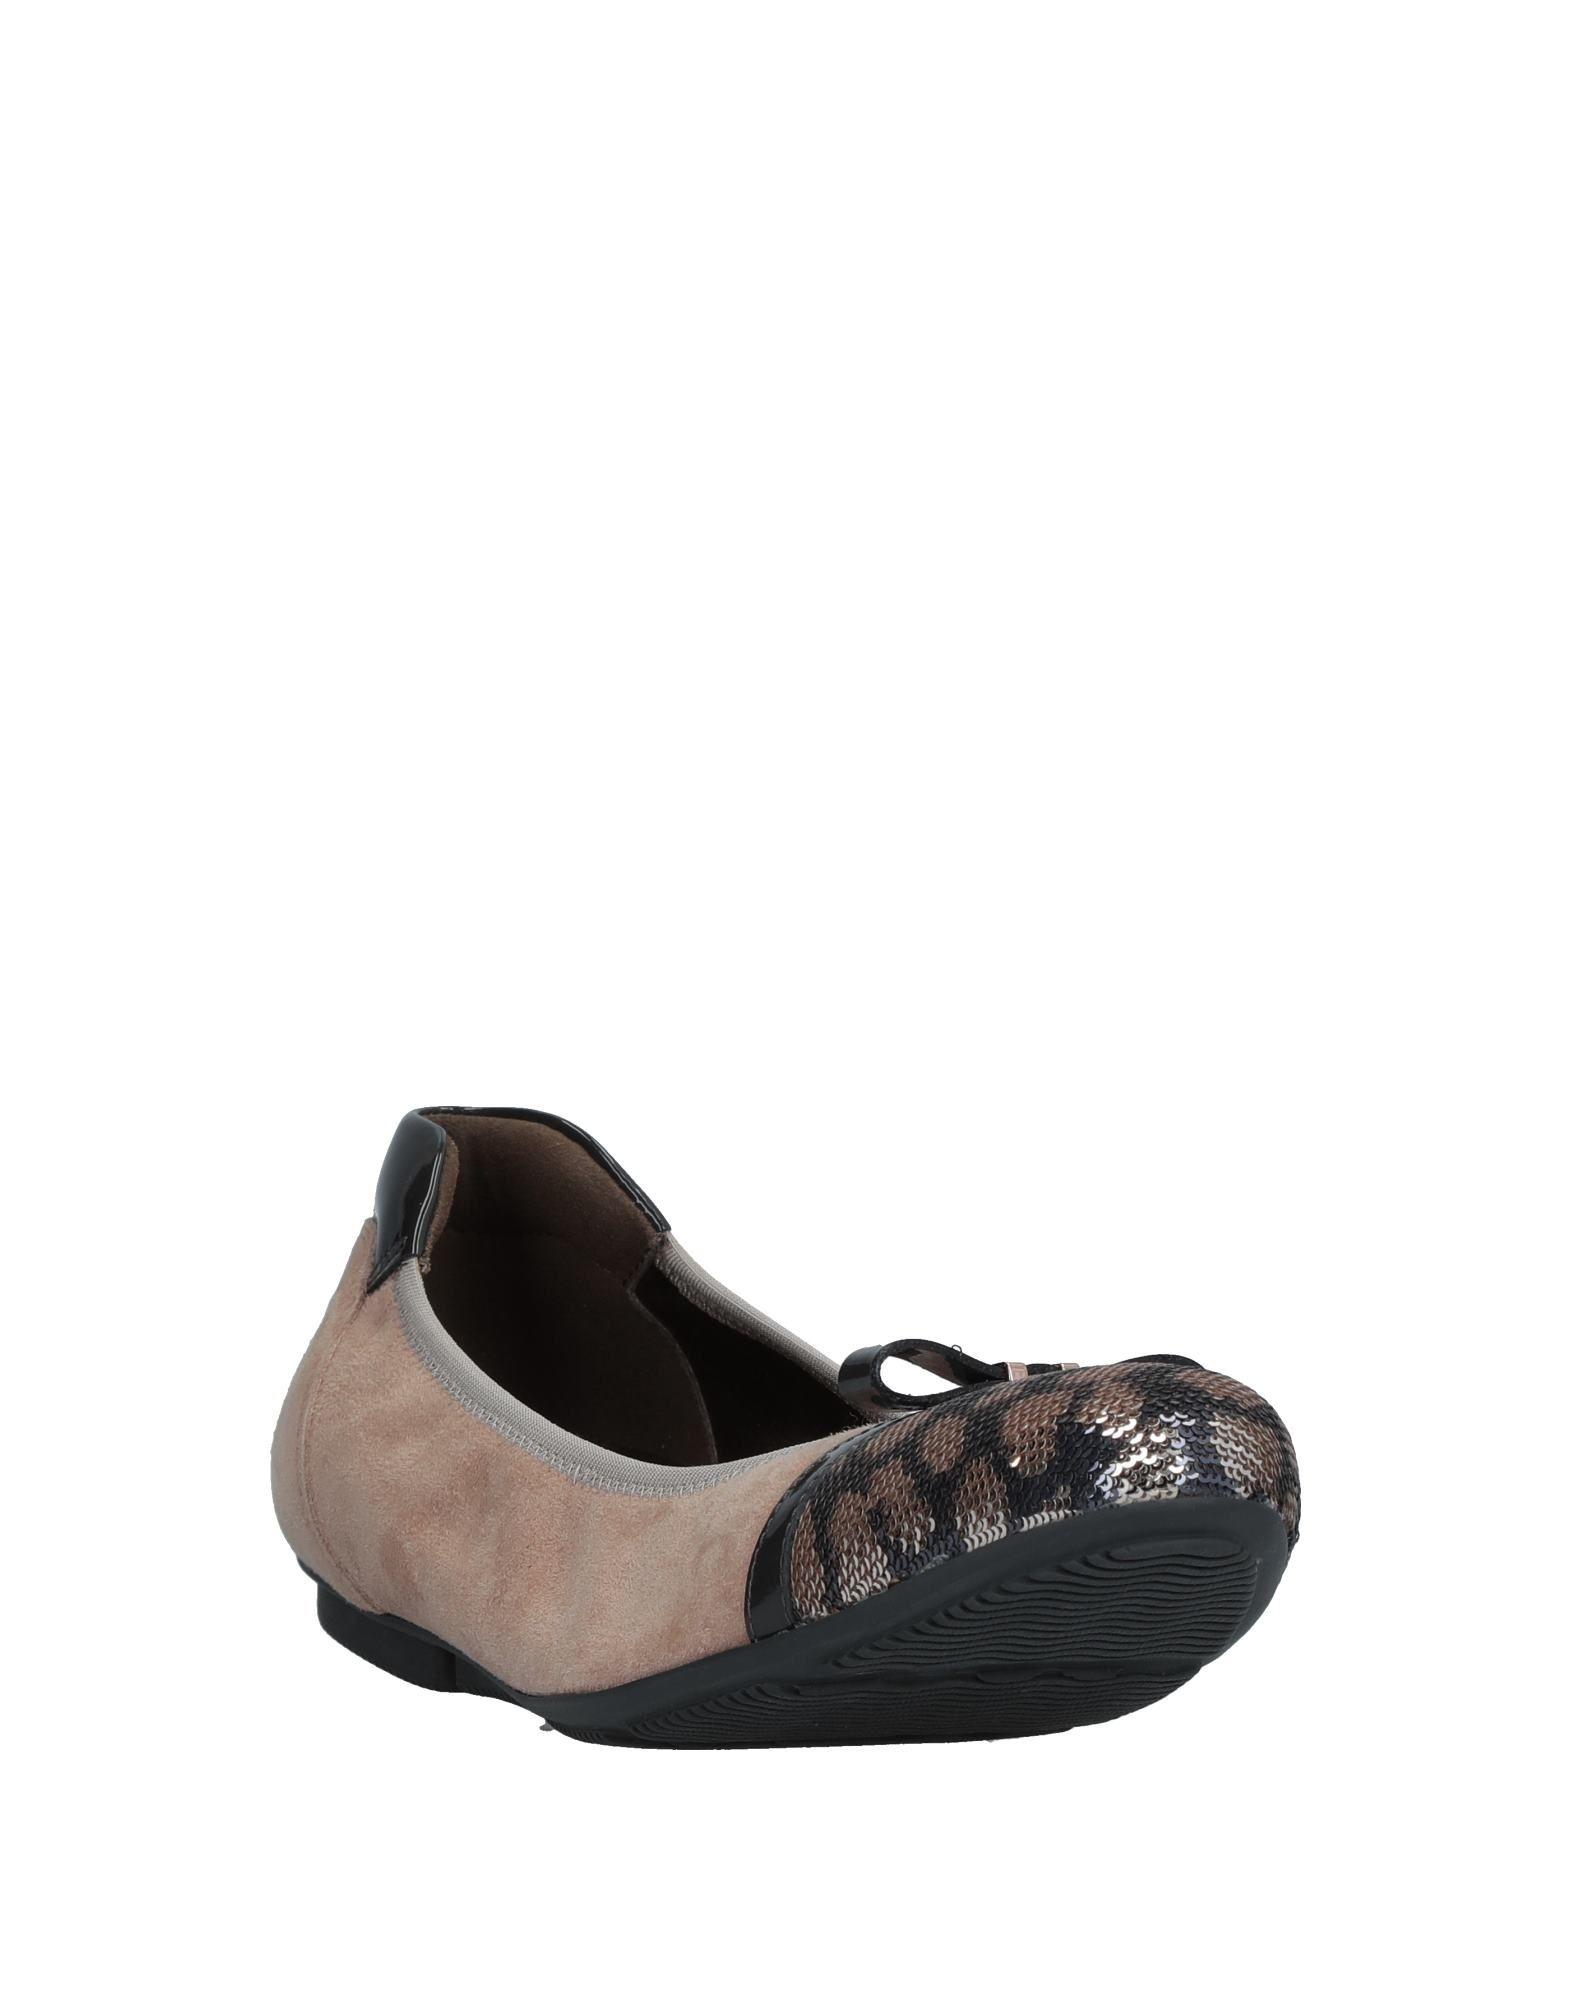 Rabatt Hogan Schuhe Hogan Rabatt Ballerinas Damen  11541581OR 799d36